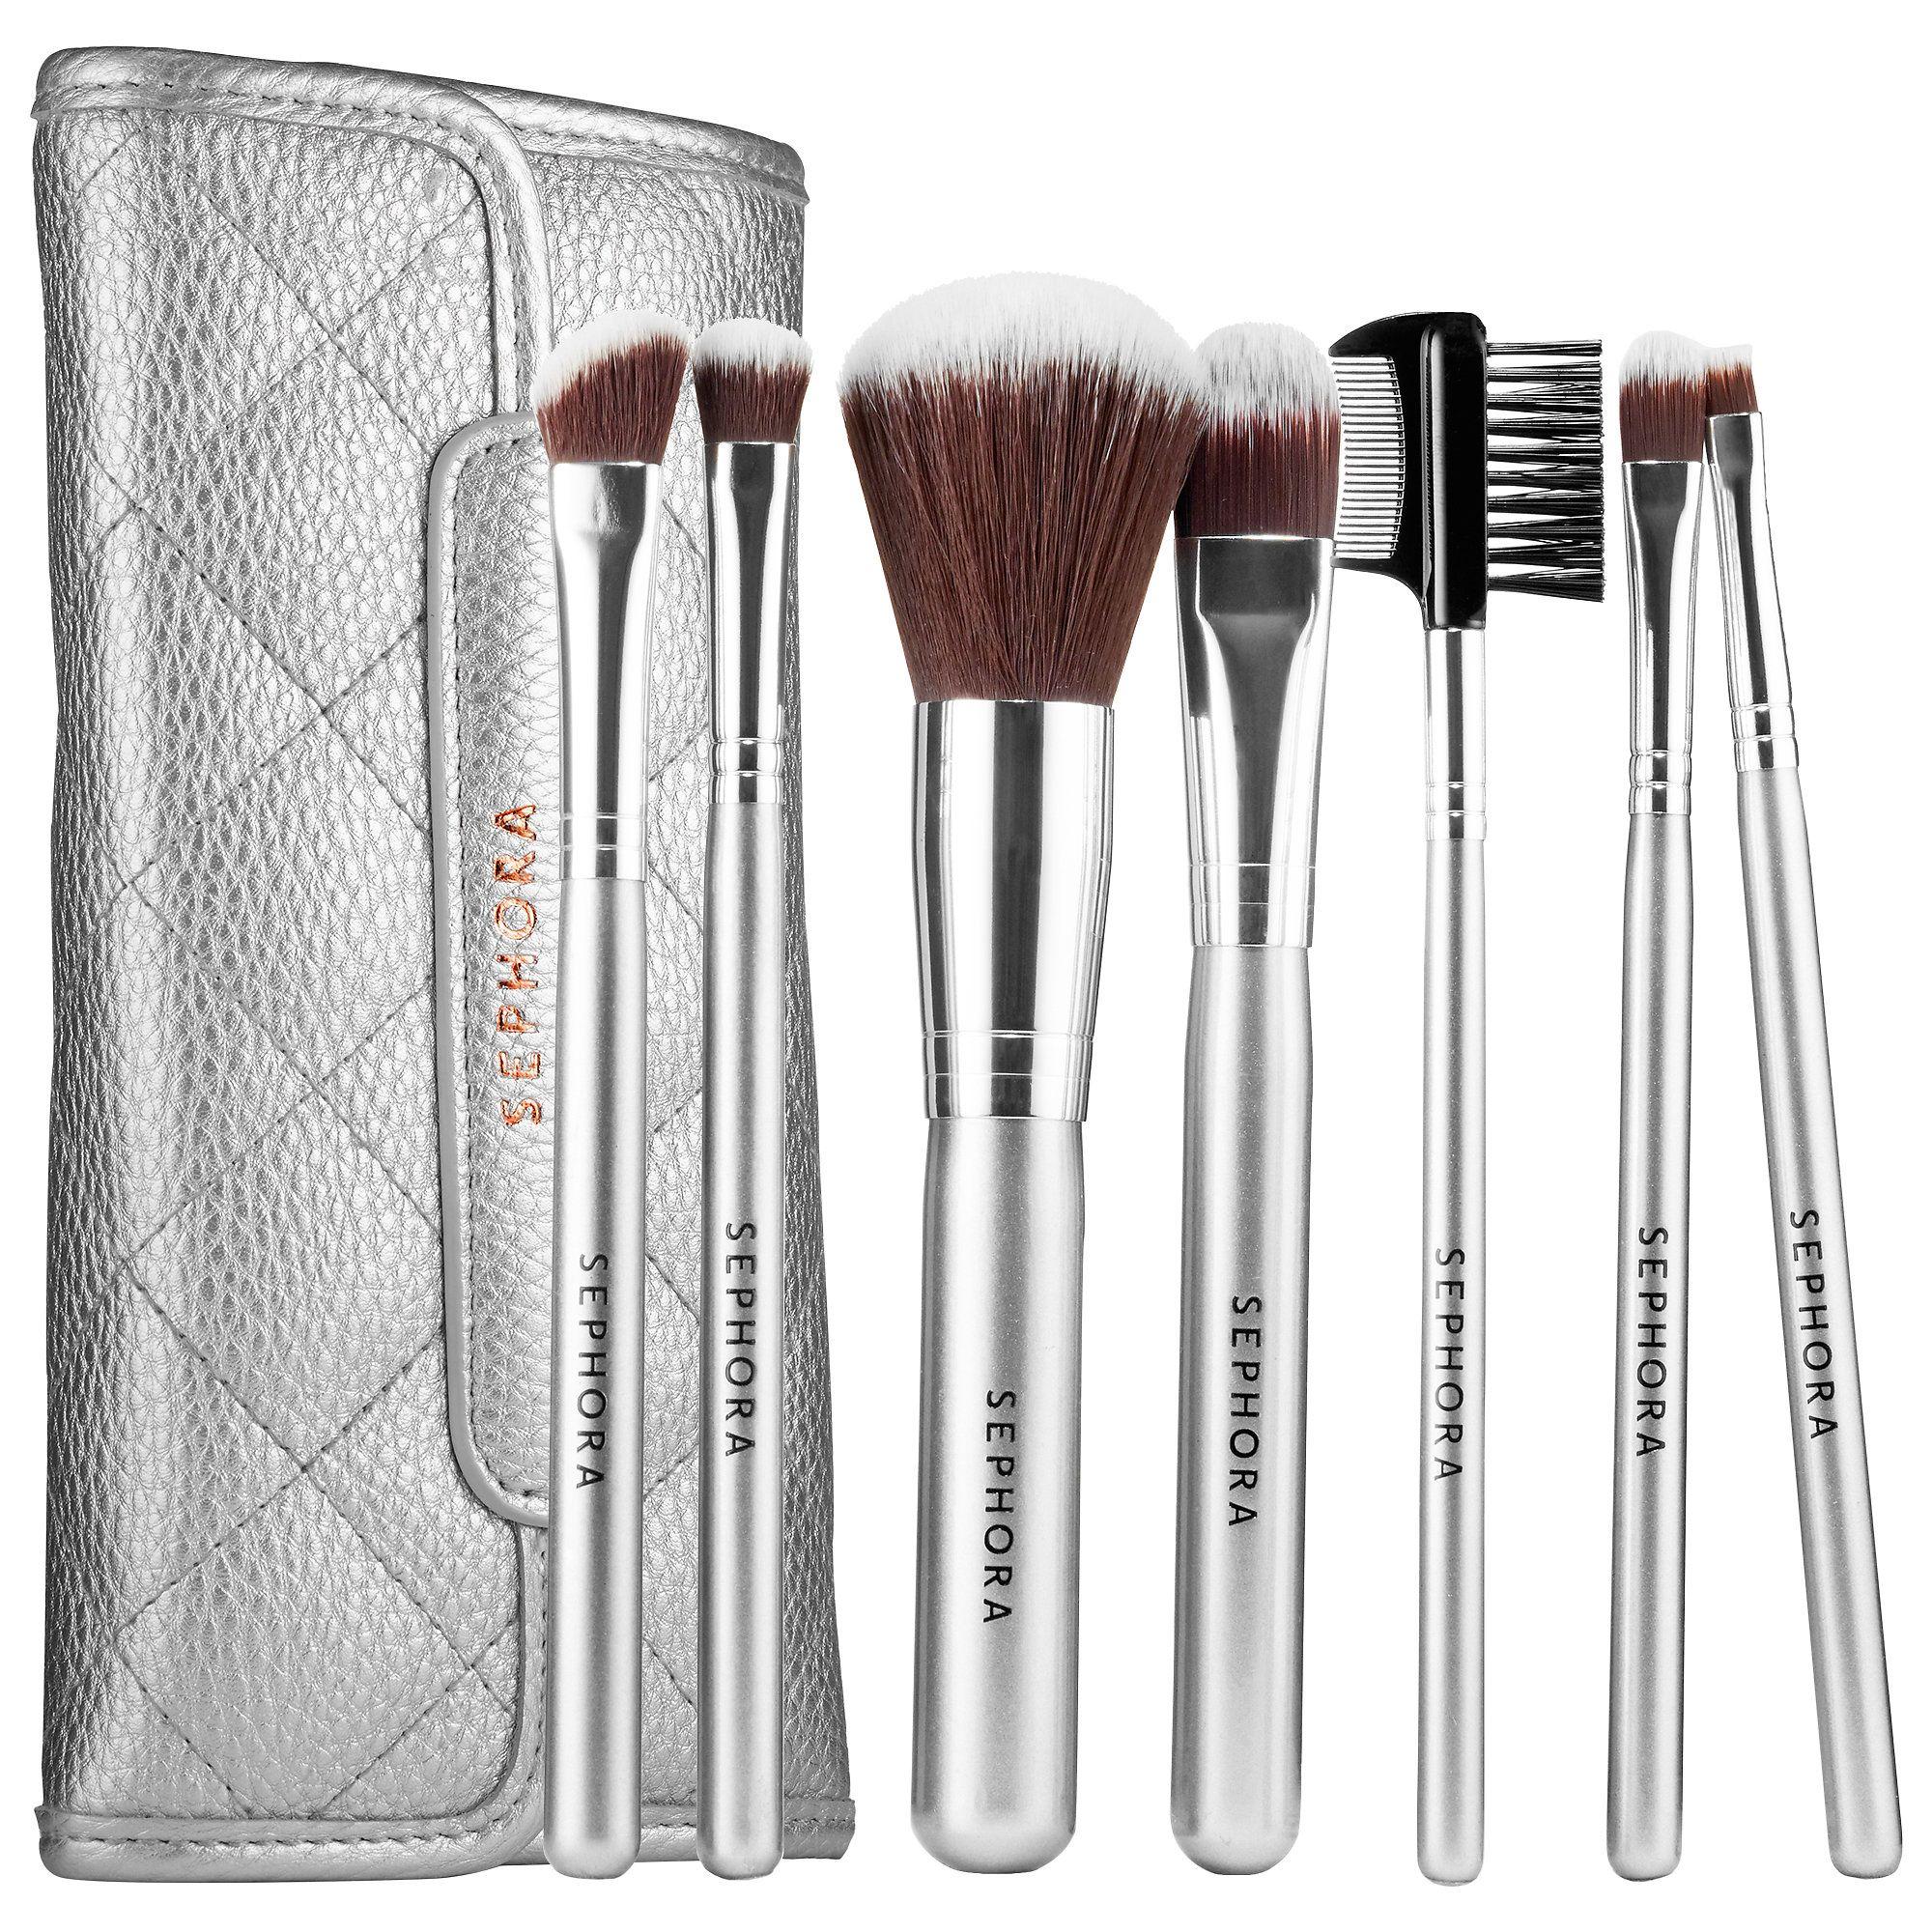 Deluxe Antibacterial Brush Set Sephora Collection Sephora My Makeup Brush Set Makeup Brush Set Powder Makeup Brush